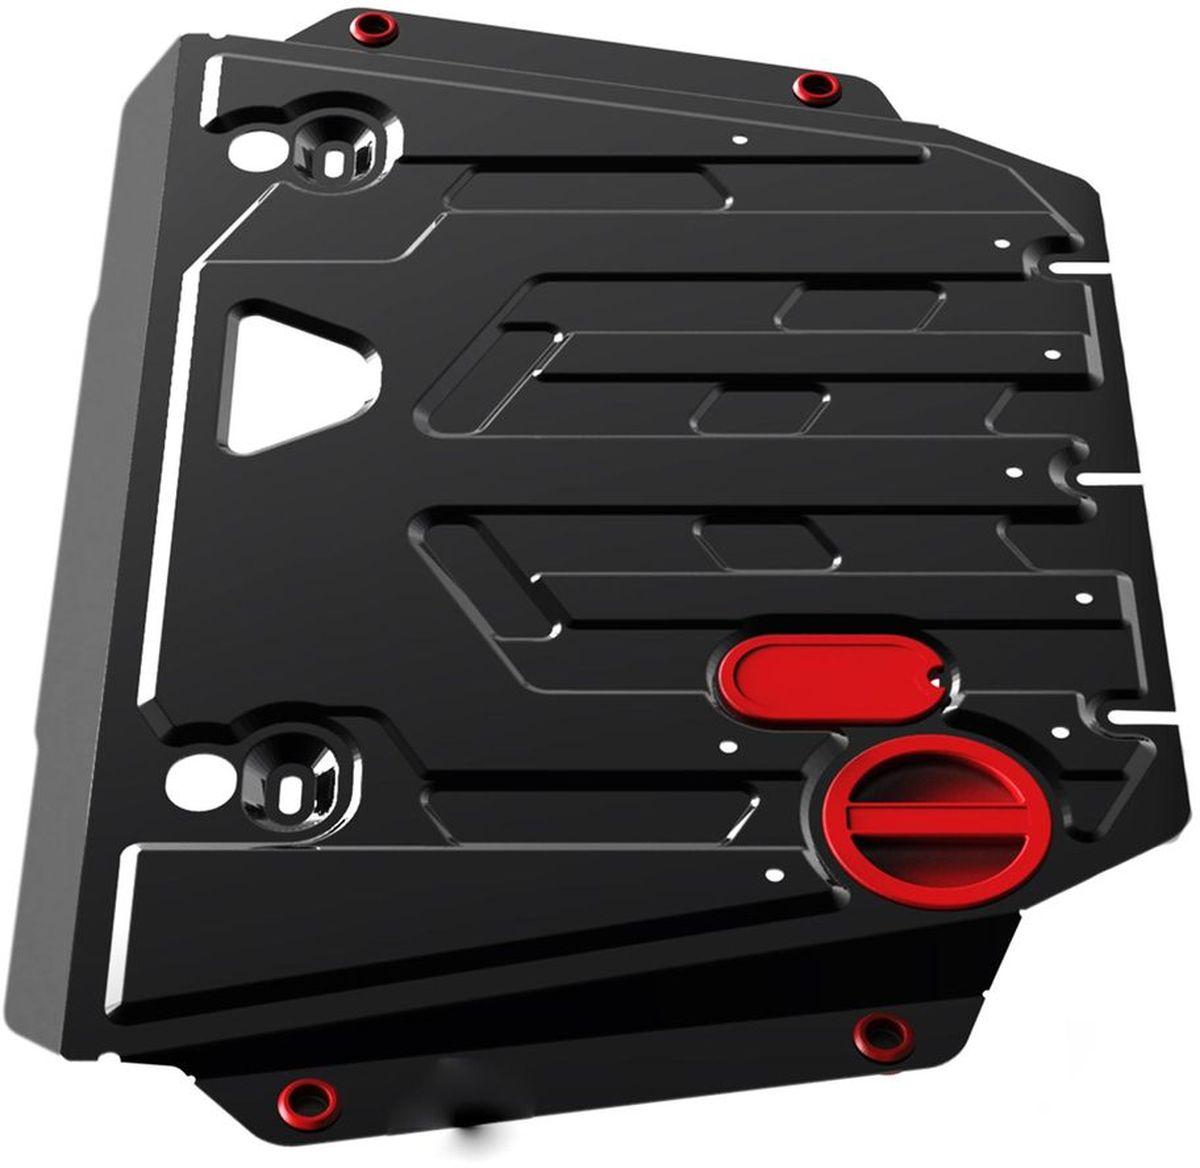 Защита картера и КПП Автоброня Lifan Solano 2010-, сталь 2 мм111.03302.2Защита картера и КПП Автоброня Lifan Solano, V - 1,6; 1,8 2010-, сталь 2 мм, комплект крепежа, 111.03302.2Стальные защиты Автоброня надежно защищают ваш автомобиль от повреждений при наезде на бордюры, выступающие канализационные люки, кромки поврежденного асфальта или при ремонте дорог, не говоря уже о загородных дорогах.- Имеют оптимальное соотношение цена-качество.- Спроектированы с учетом особенностей автомобиля, что делает установку удобной.- Защита устанавливается в штатные места кузова автомобиля.- Является надежной защитой для важных элементов на протяжении долгих лет.- Глубокий штамп дополнительно усиливает конструкцию защиты.- Подштамповка в местах крепления защищает крепеж от срезания.- Технологические отверстия там, где они необходимы для смены масла и слива воды, оборудованные заглушками, закрепленными на защите.Толщина стали 2 мм.В комплекте крепеж и инструкция по установке.Уважаемые клиенты!Обращаем ваше внимание на тот факт, что защита имеет форму, соответствующую модели данного автомобиля. Наличие глубокого штампа и лючков для смены фильтров/масла предусмотрено не на всех защитах. Фото служит для визуального восприятия товара.